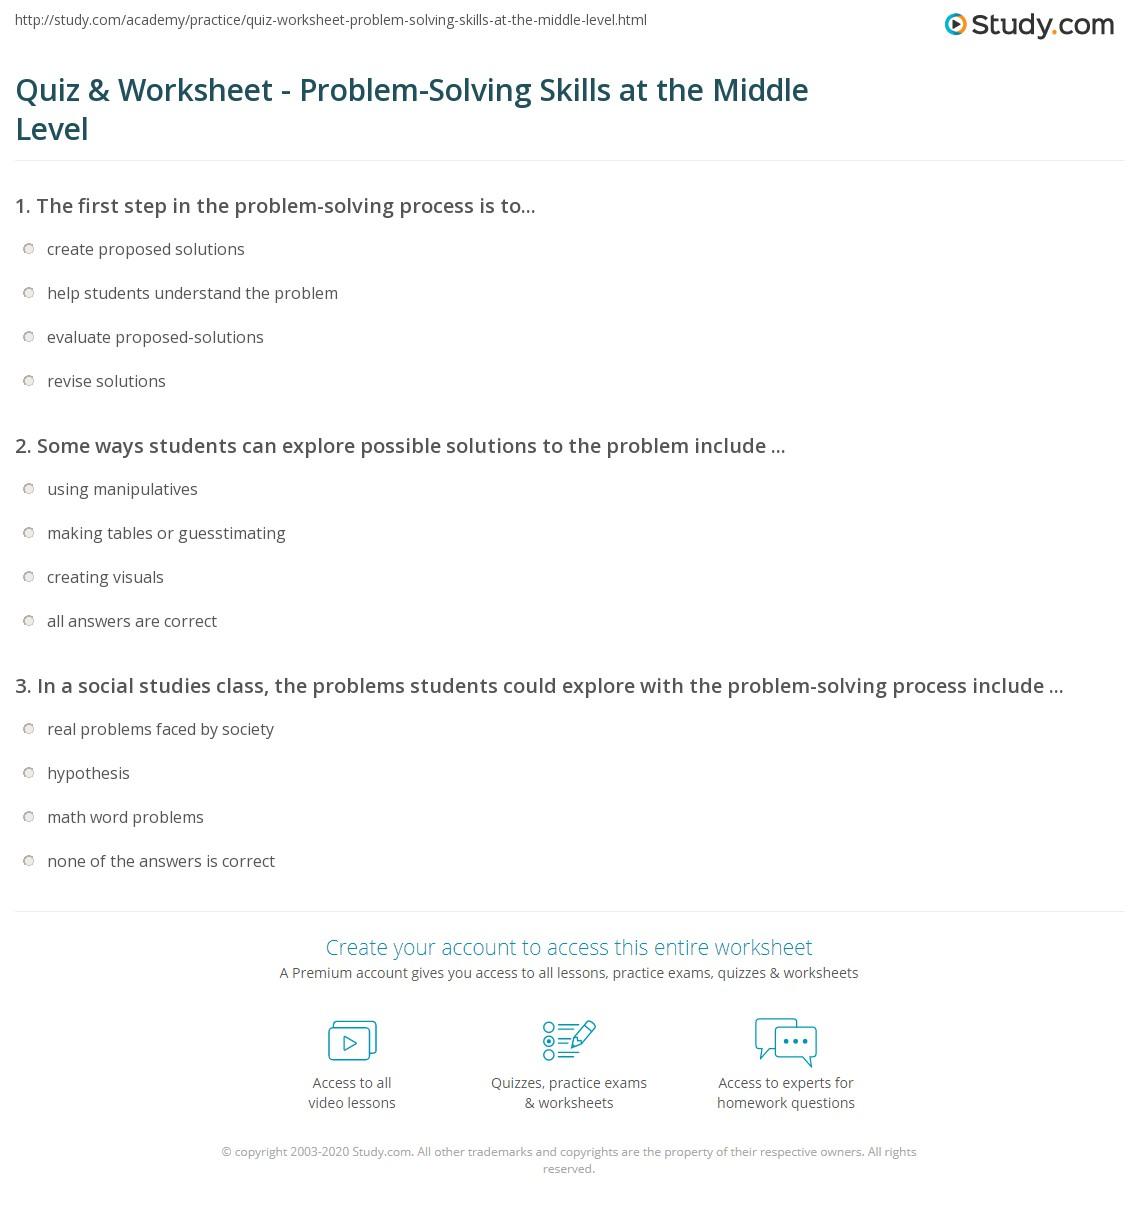 Worksheets Problem Solving Skills Worksheets quiz worksheet problem solving skills at the middle level print cultivating in school students worksheet